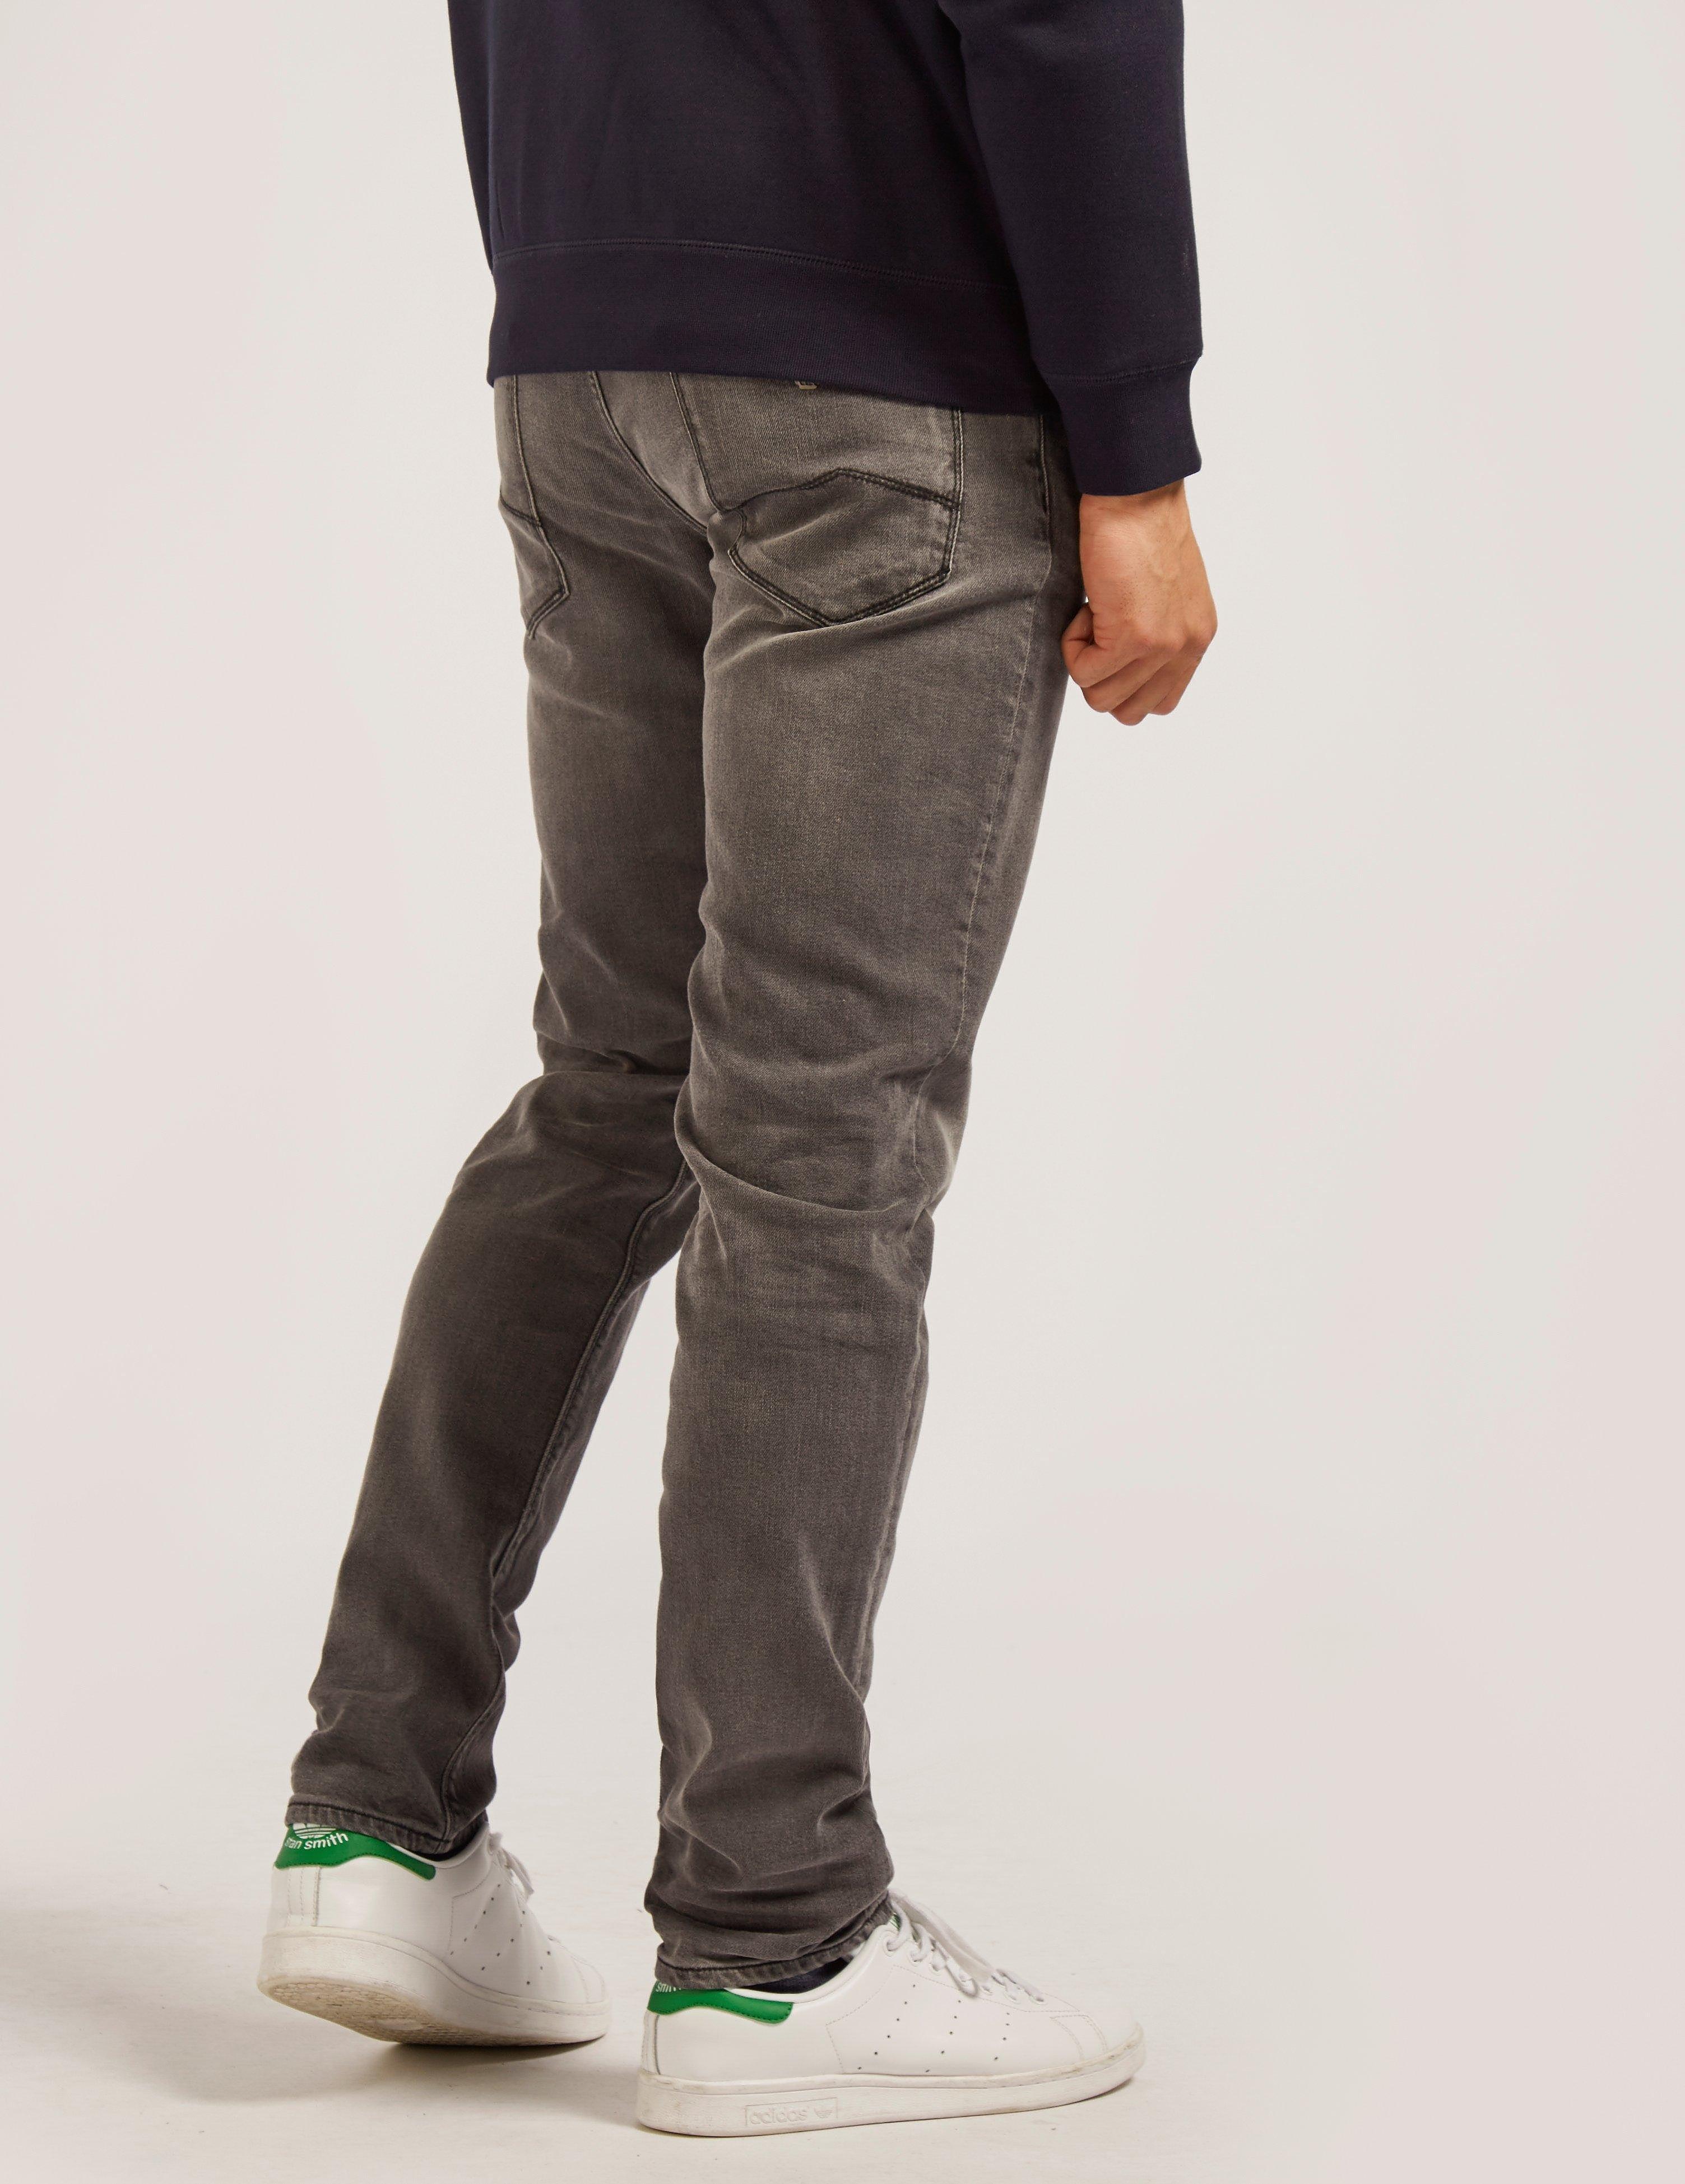 Armani Jeans J06 Grey Wash Jean